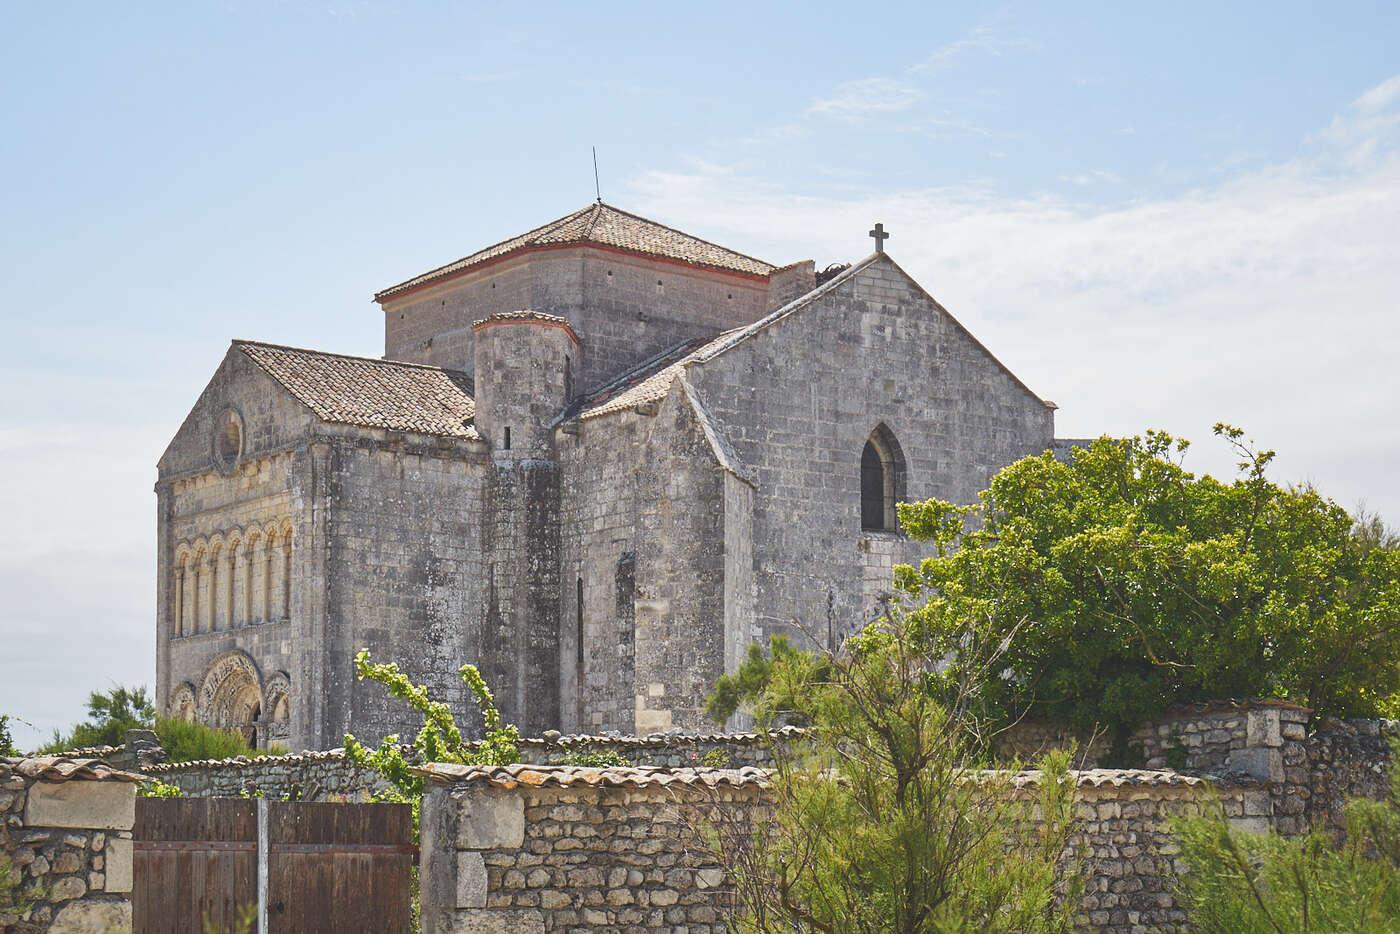 Eglise de Talmont-sur-Gironde